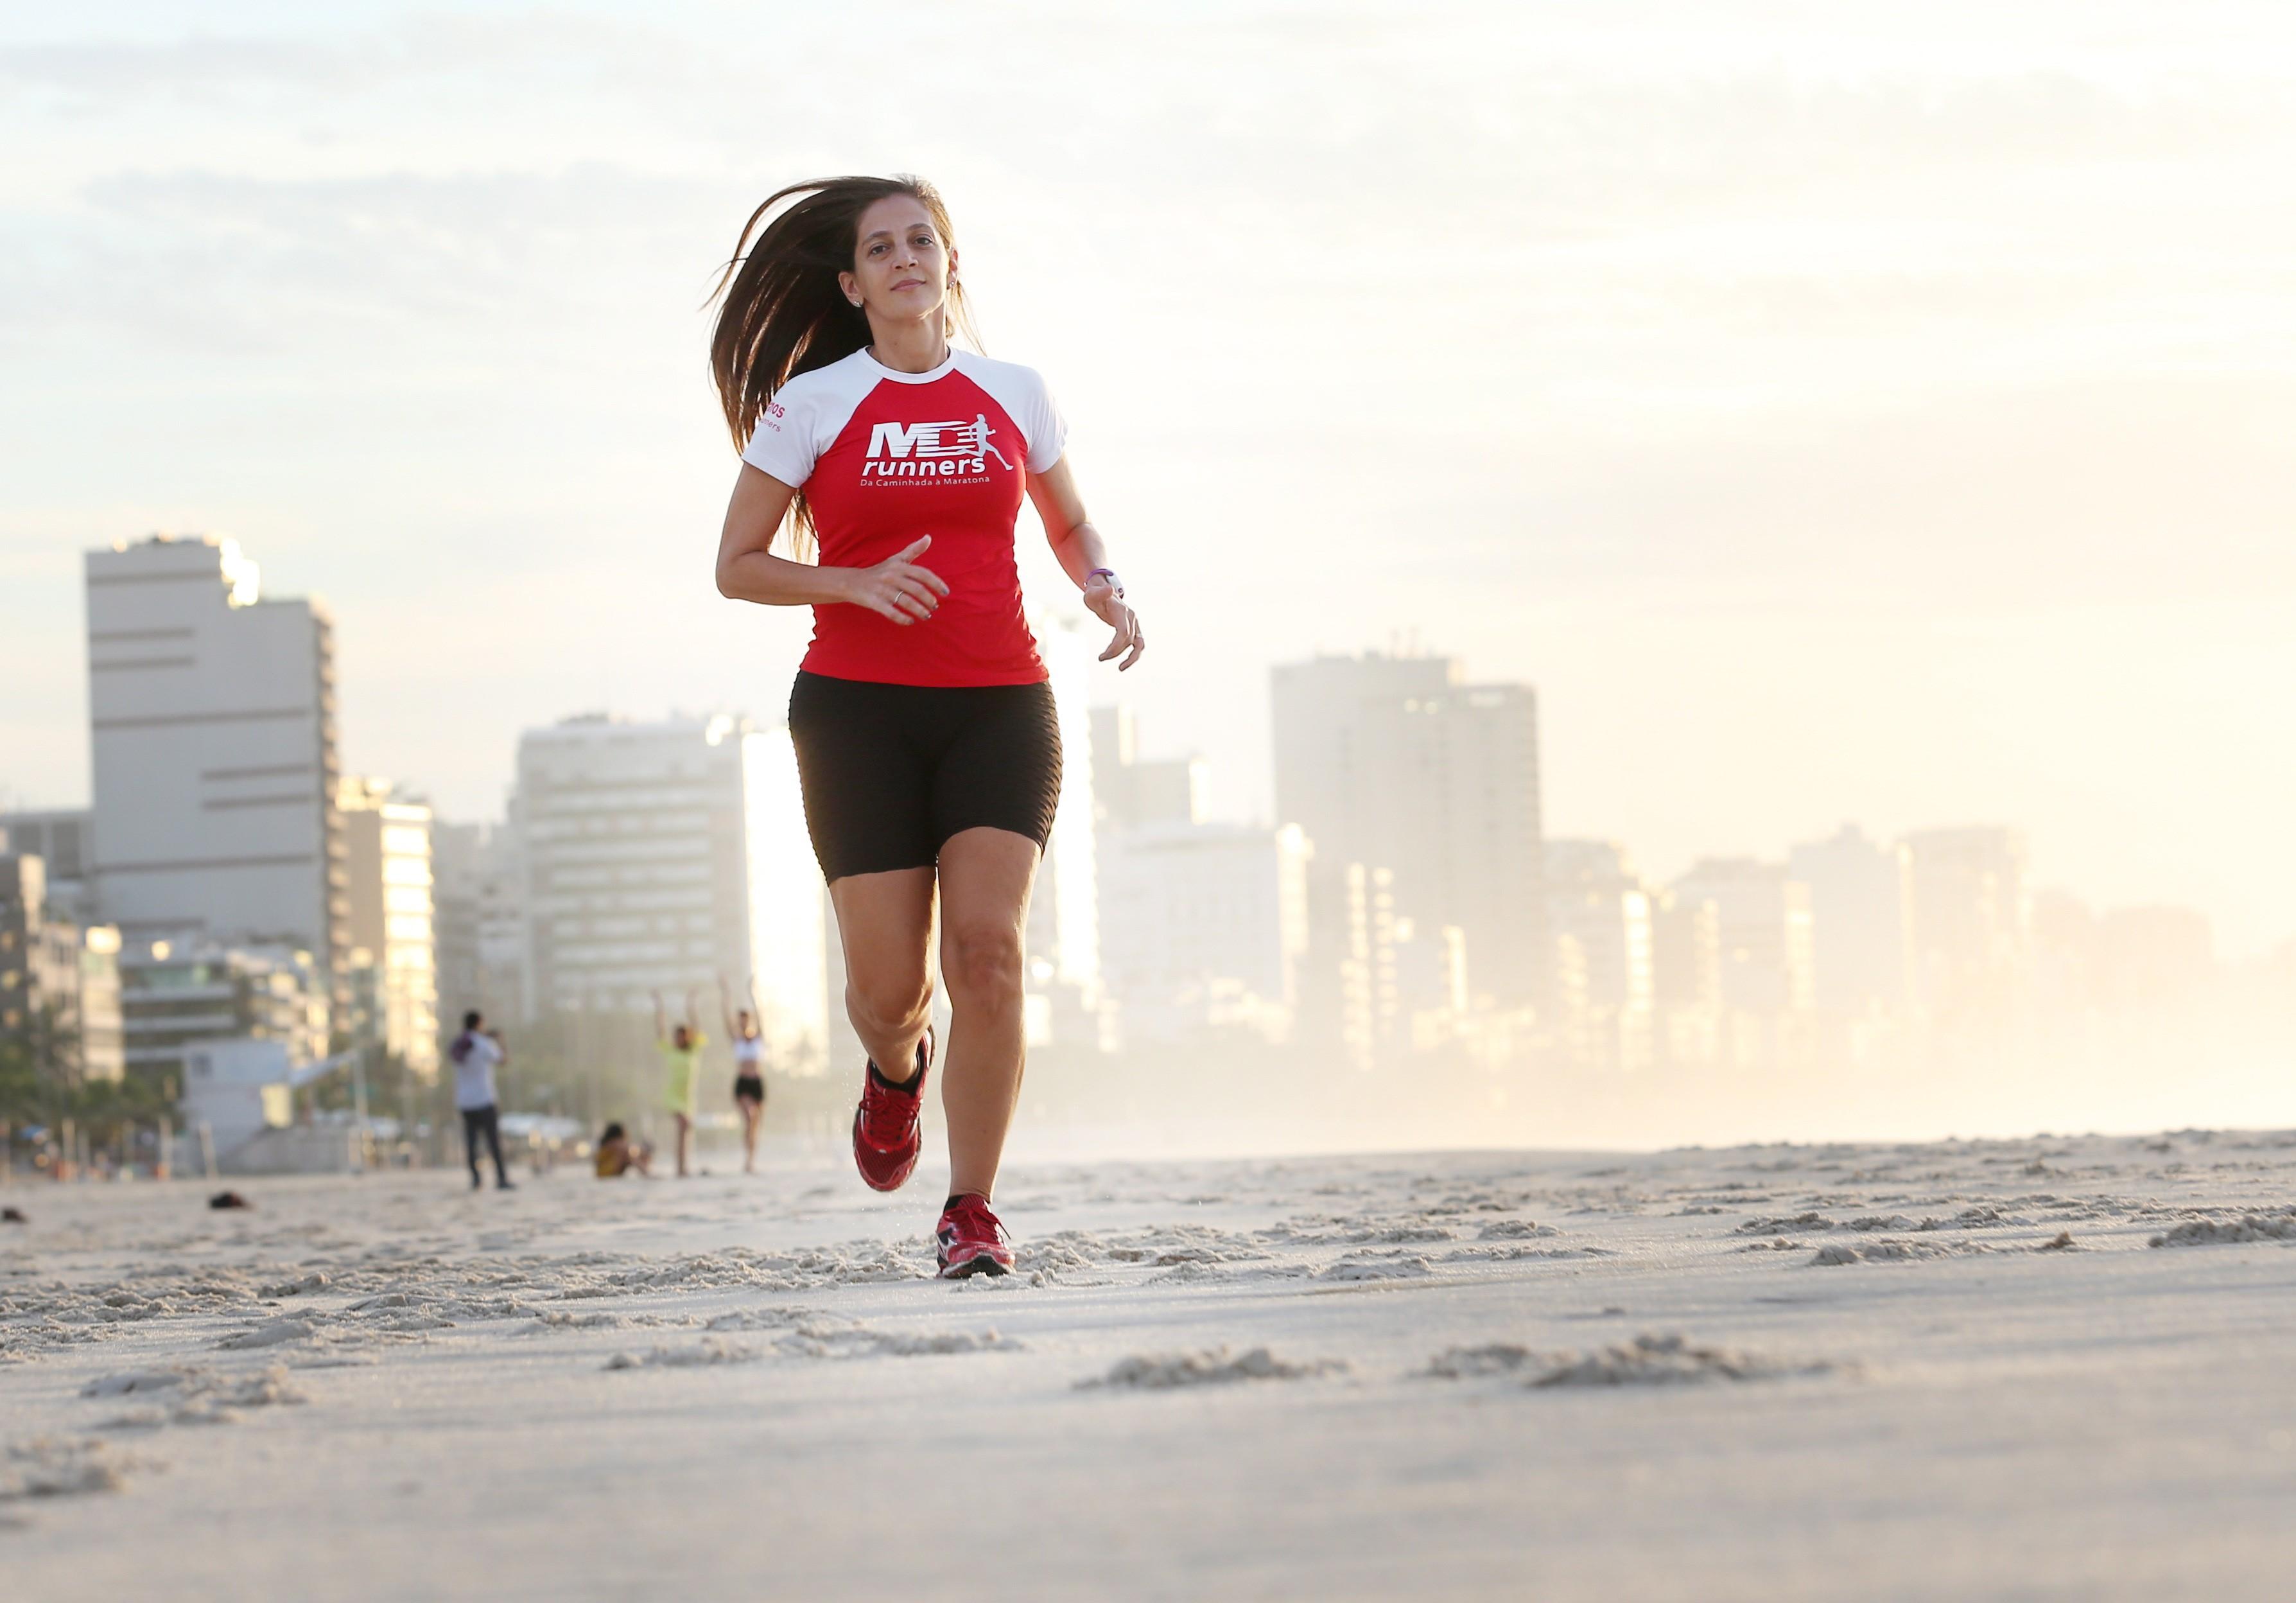 Marielen prefere correr do que malhar em academia de ginástica